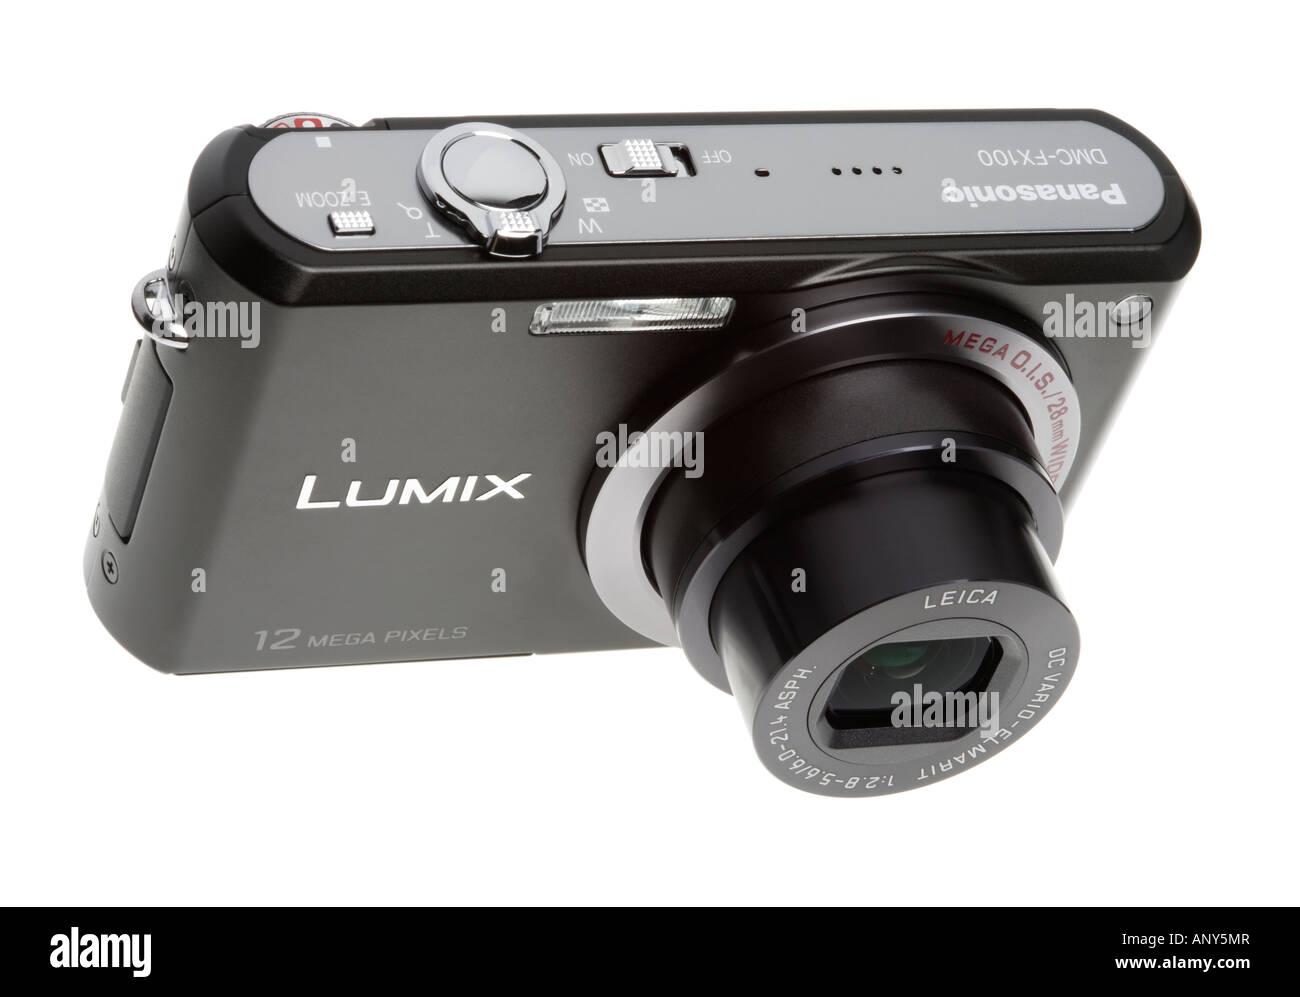 12 megapixels digital compact camera - Stock Image